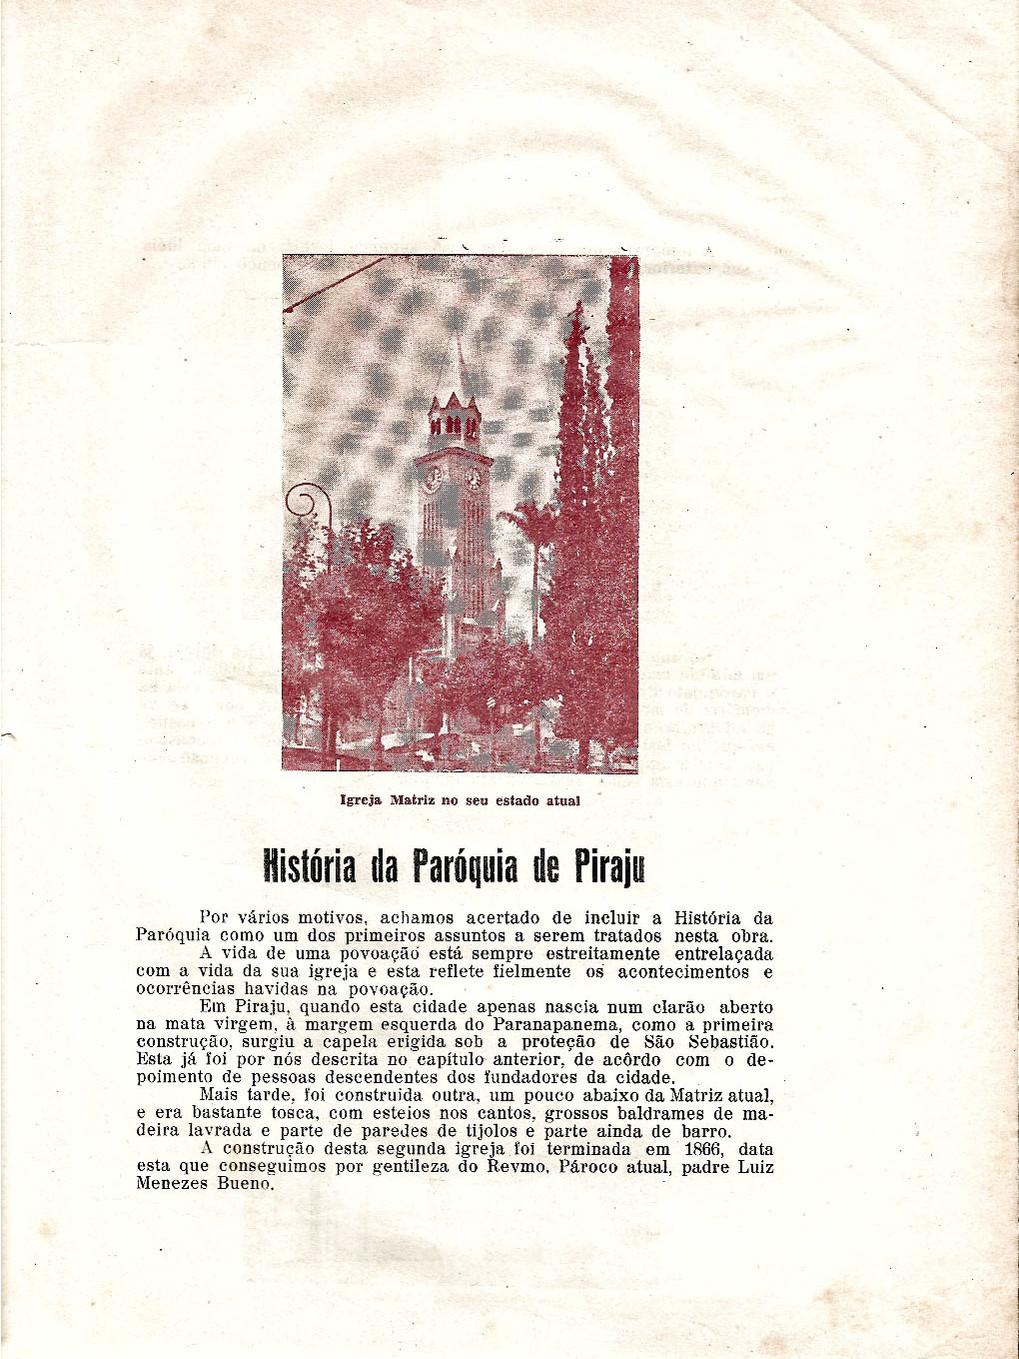 paroquia5.jpg